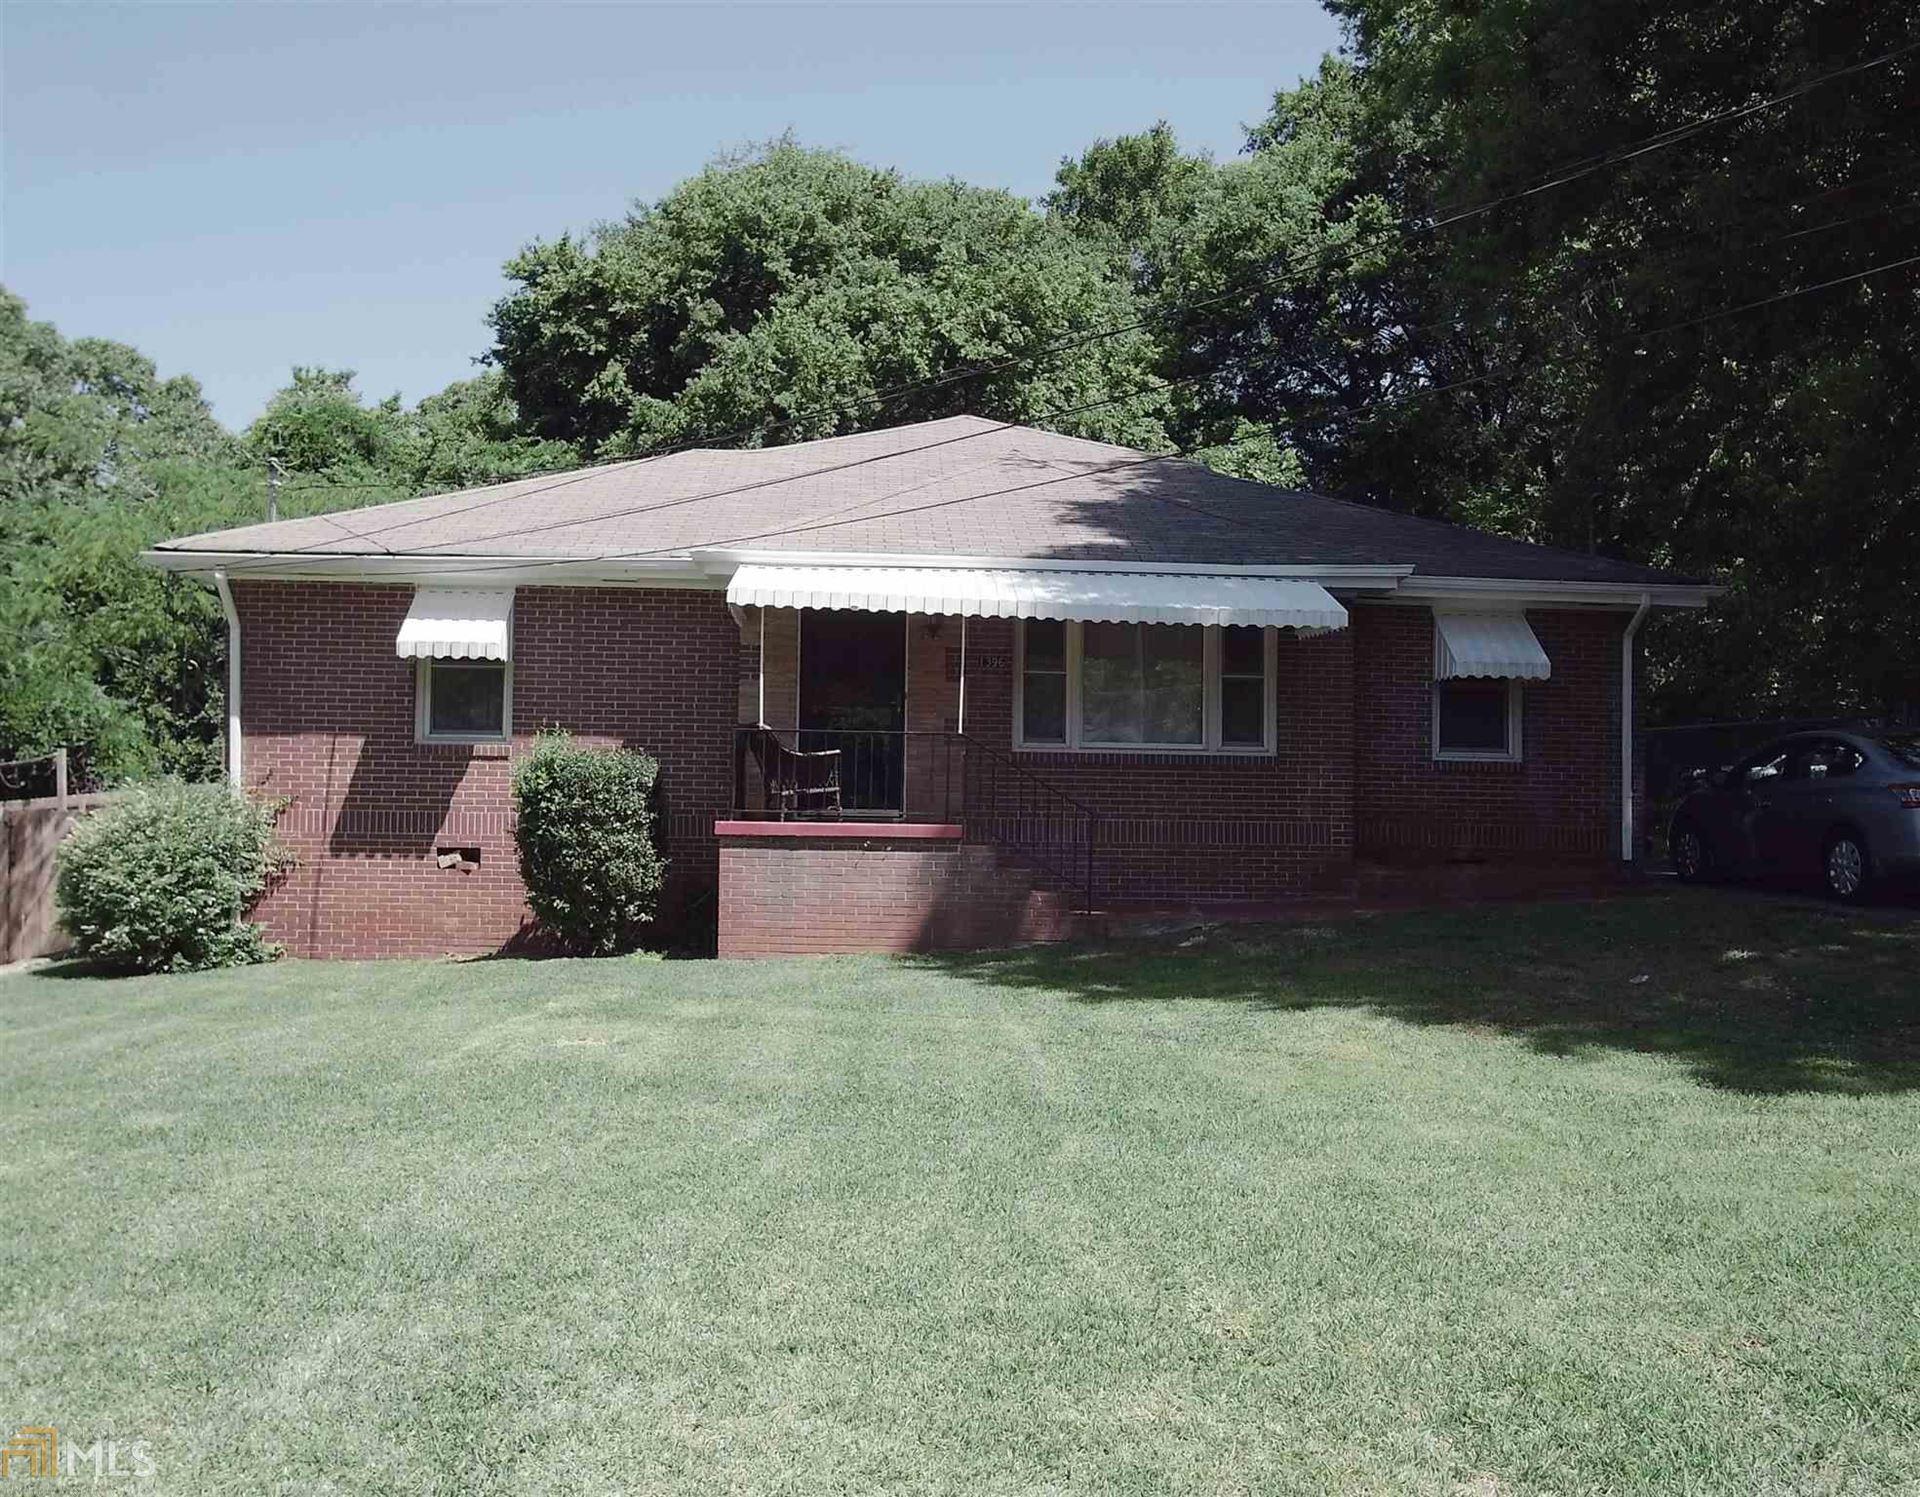 1396 Lochland, Atlanta, GA 30316 - MLS#: 8806821